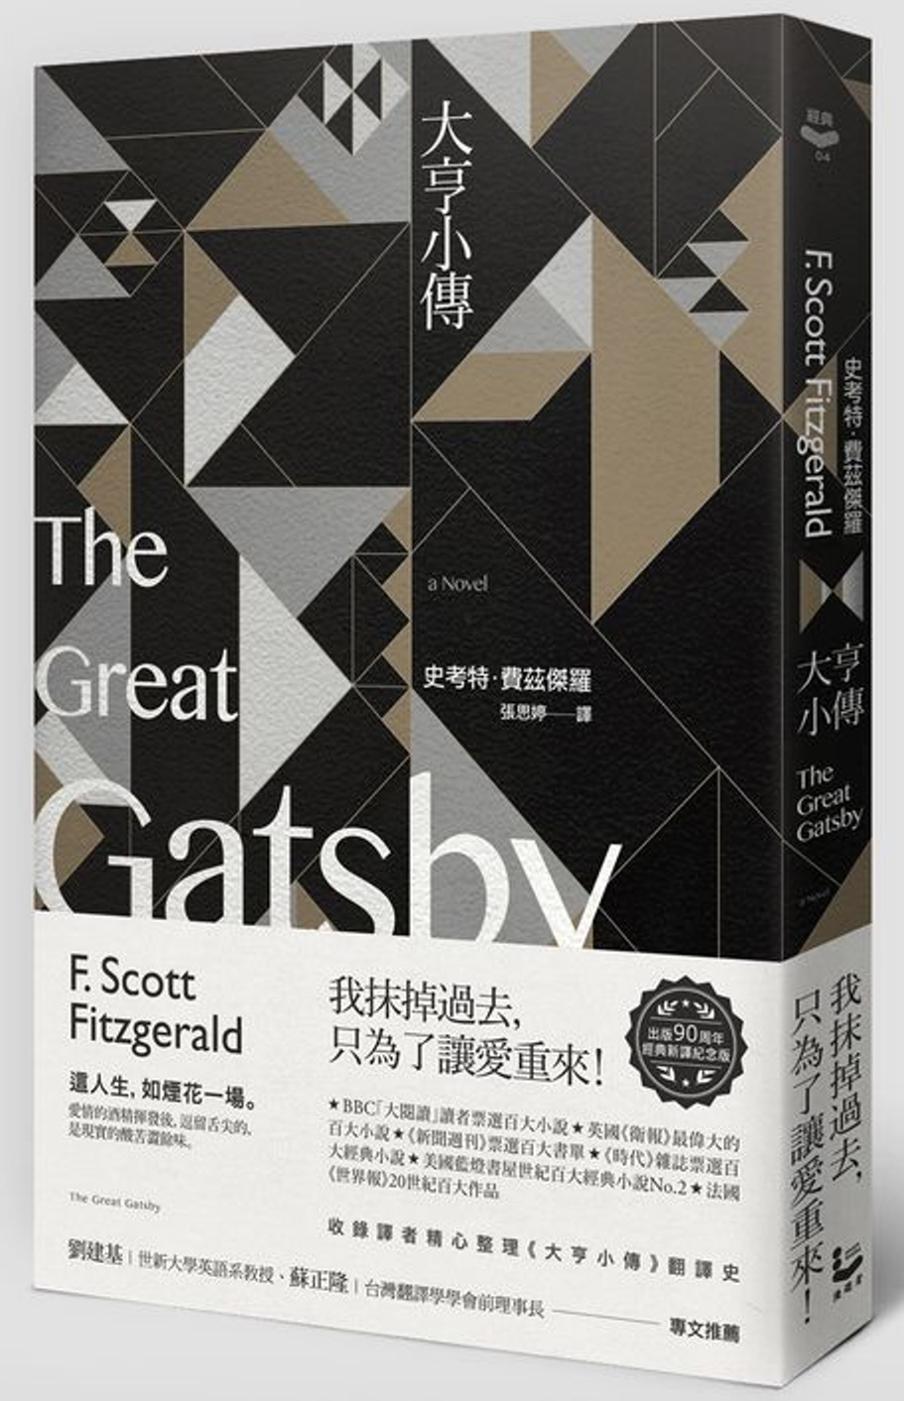 大亨小傳(出版90週年經典重譯紀念版)